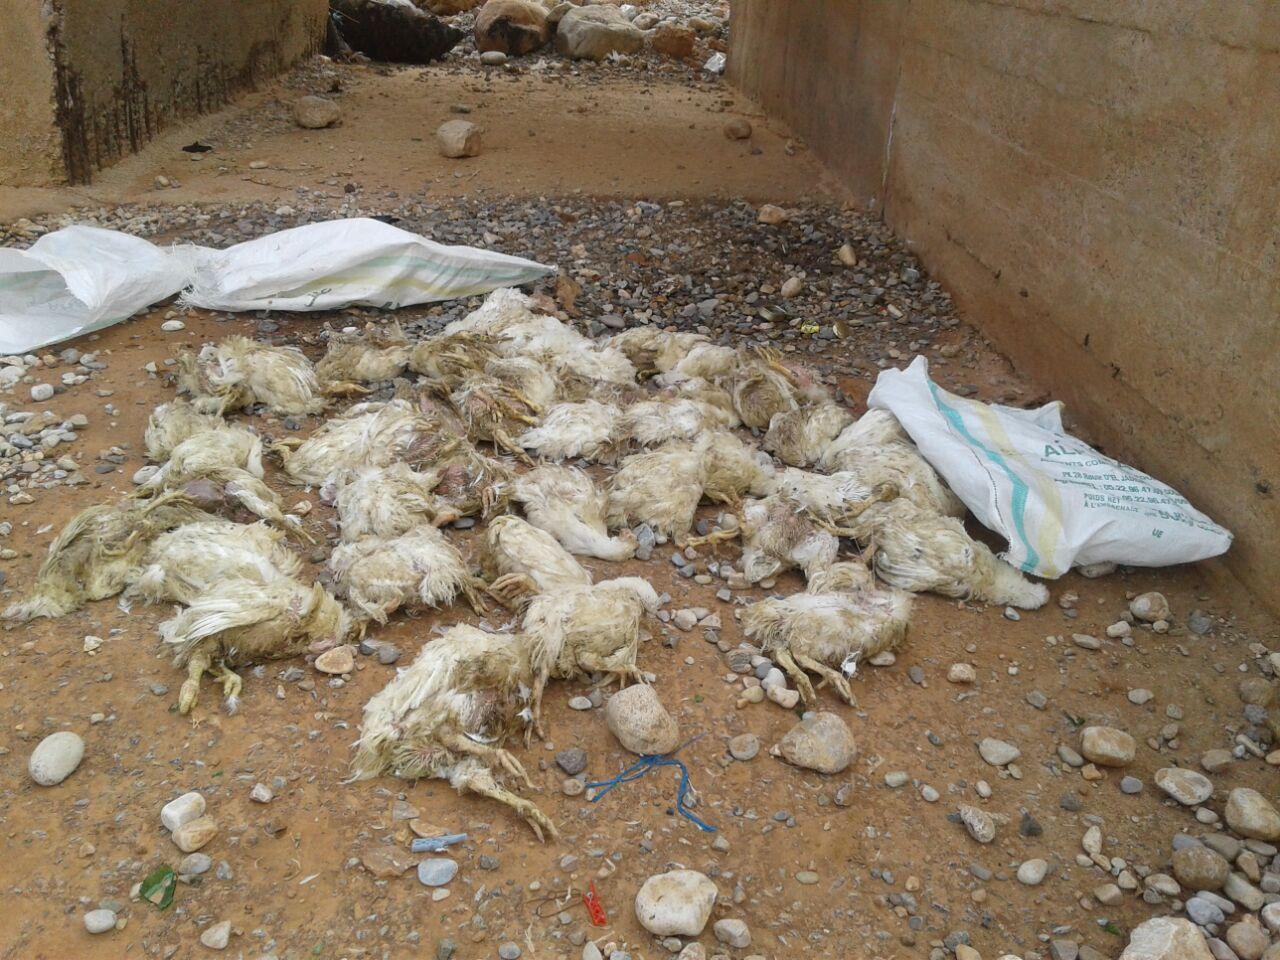 جمعية حماية البيئة – أولاد جرار تدق ناقوس خطر رمي الدجاج النافق قرب التجمعات السكنية